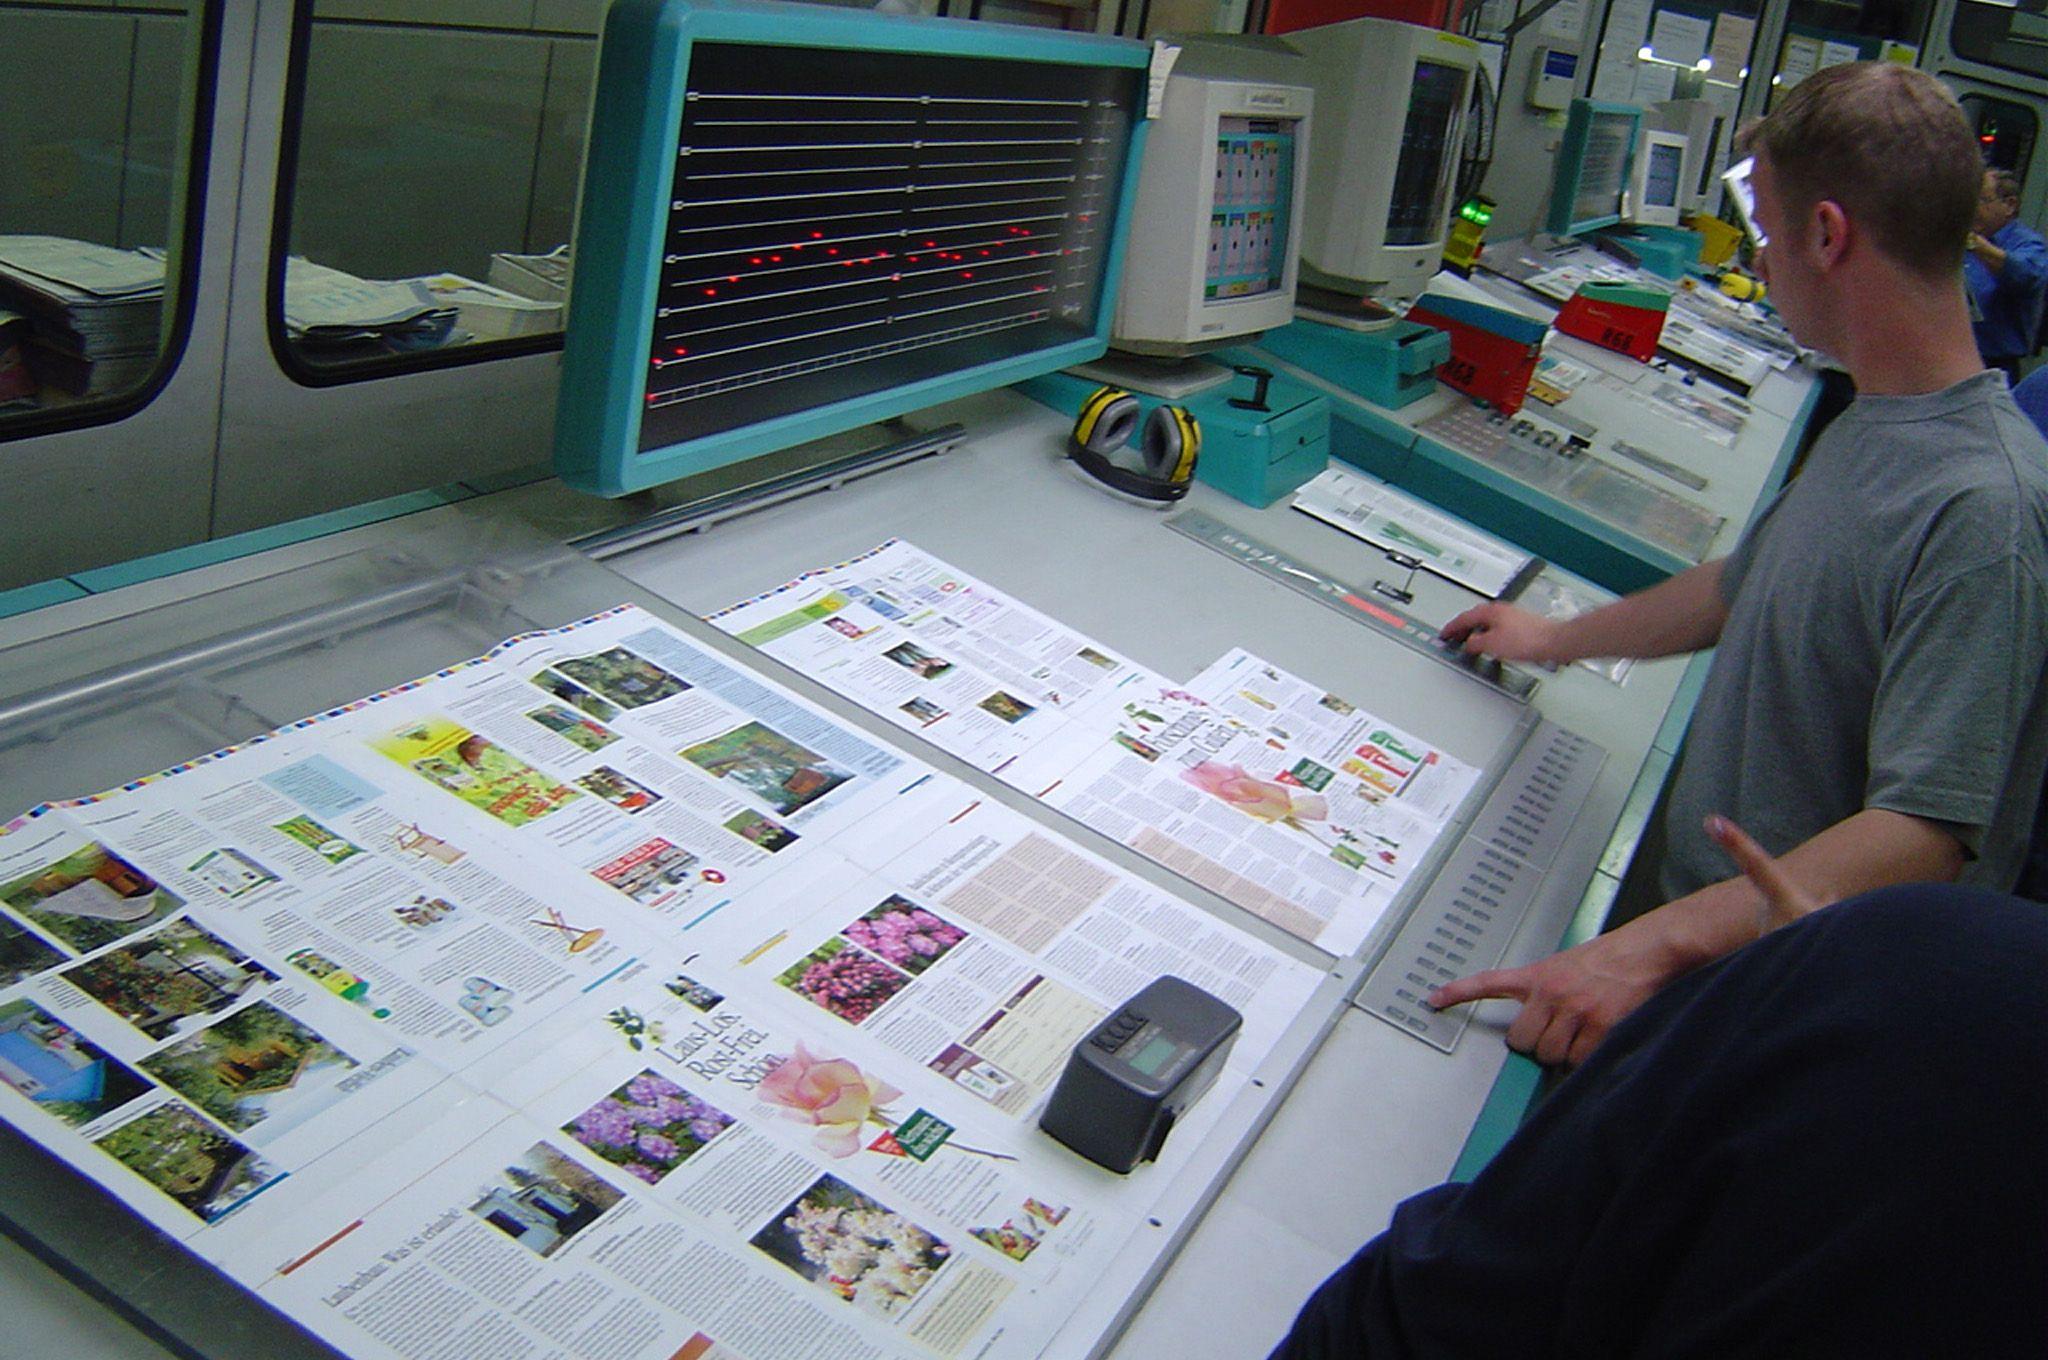 Impresión de catálogos y revistas